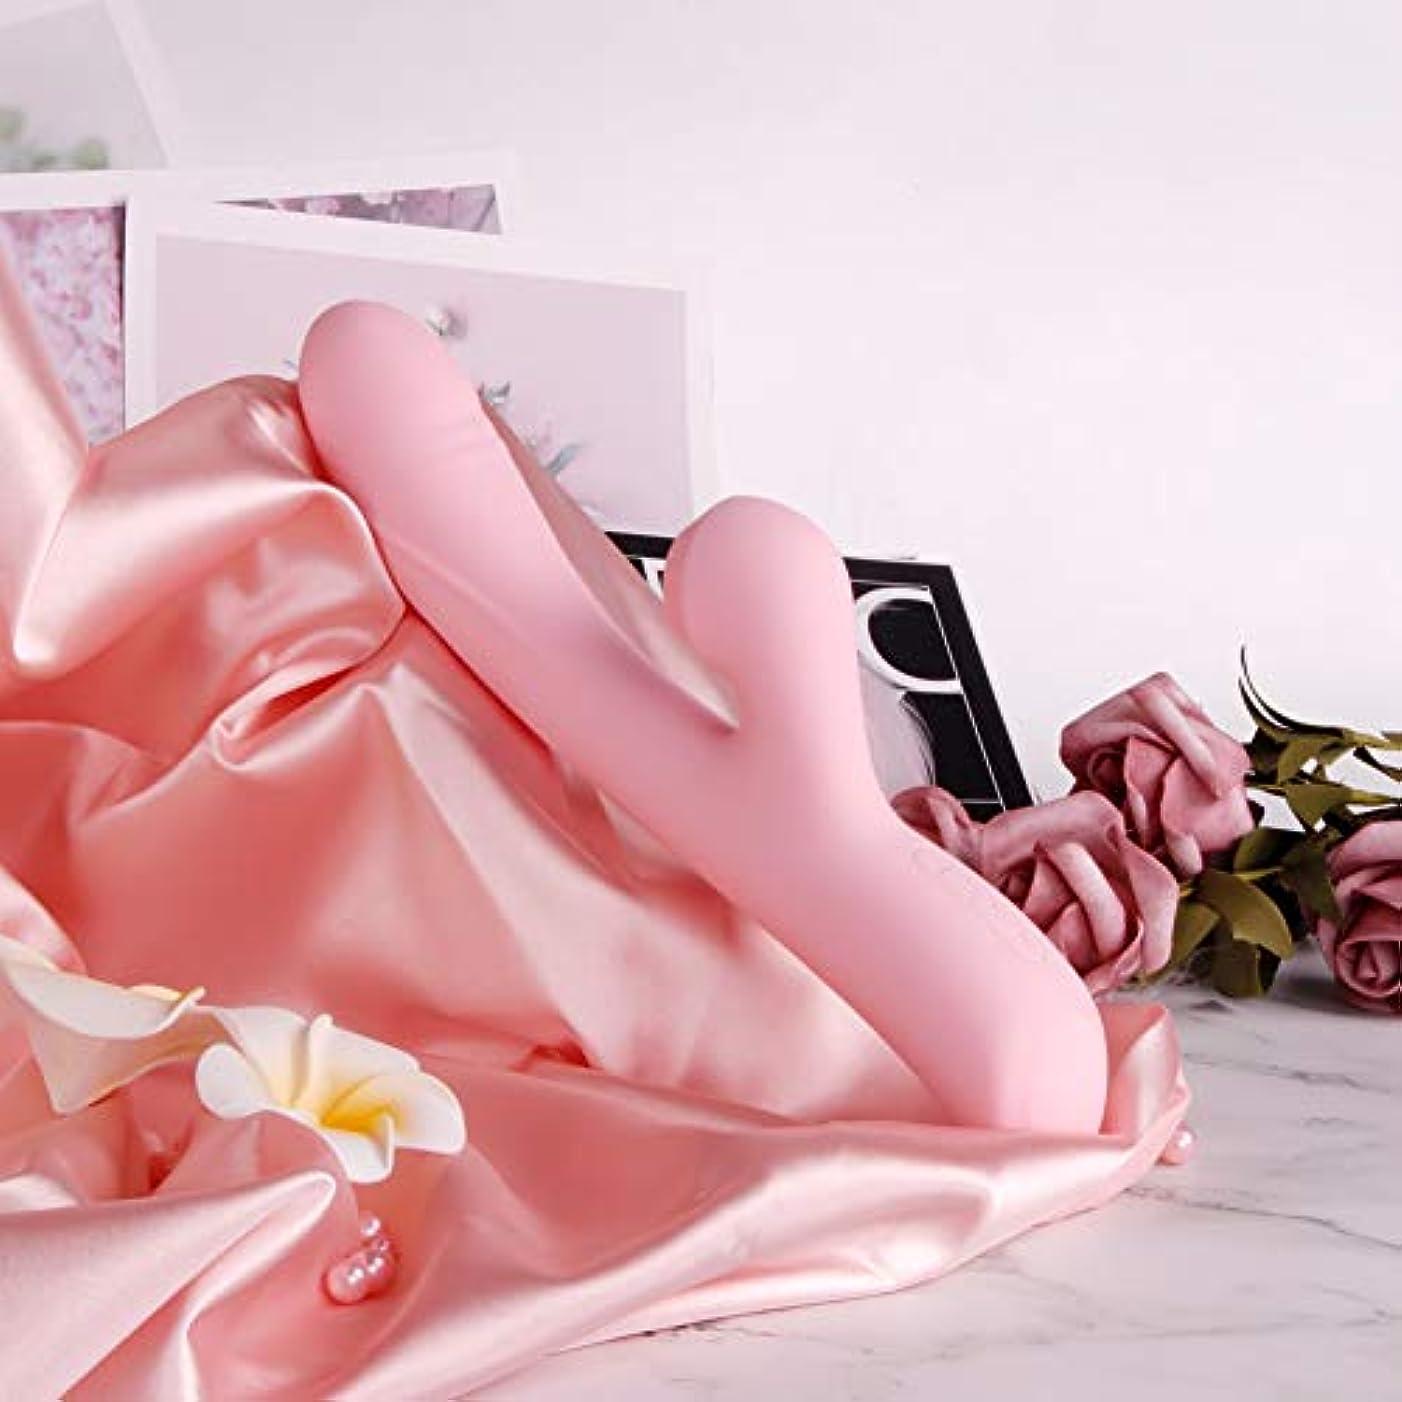 債務冗長簡単に脚 マッサージ バイブレーターUSB充電式 AVマジック ワンドバイブレーター マッサージャー 大人のおもちゃ女性用 10スピード電動マッサージ器 42度加熱 自由に曲げられる (ピンク色)